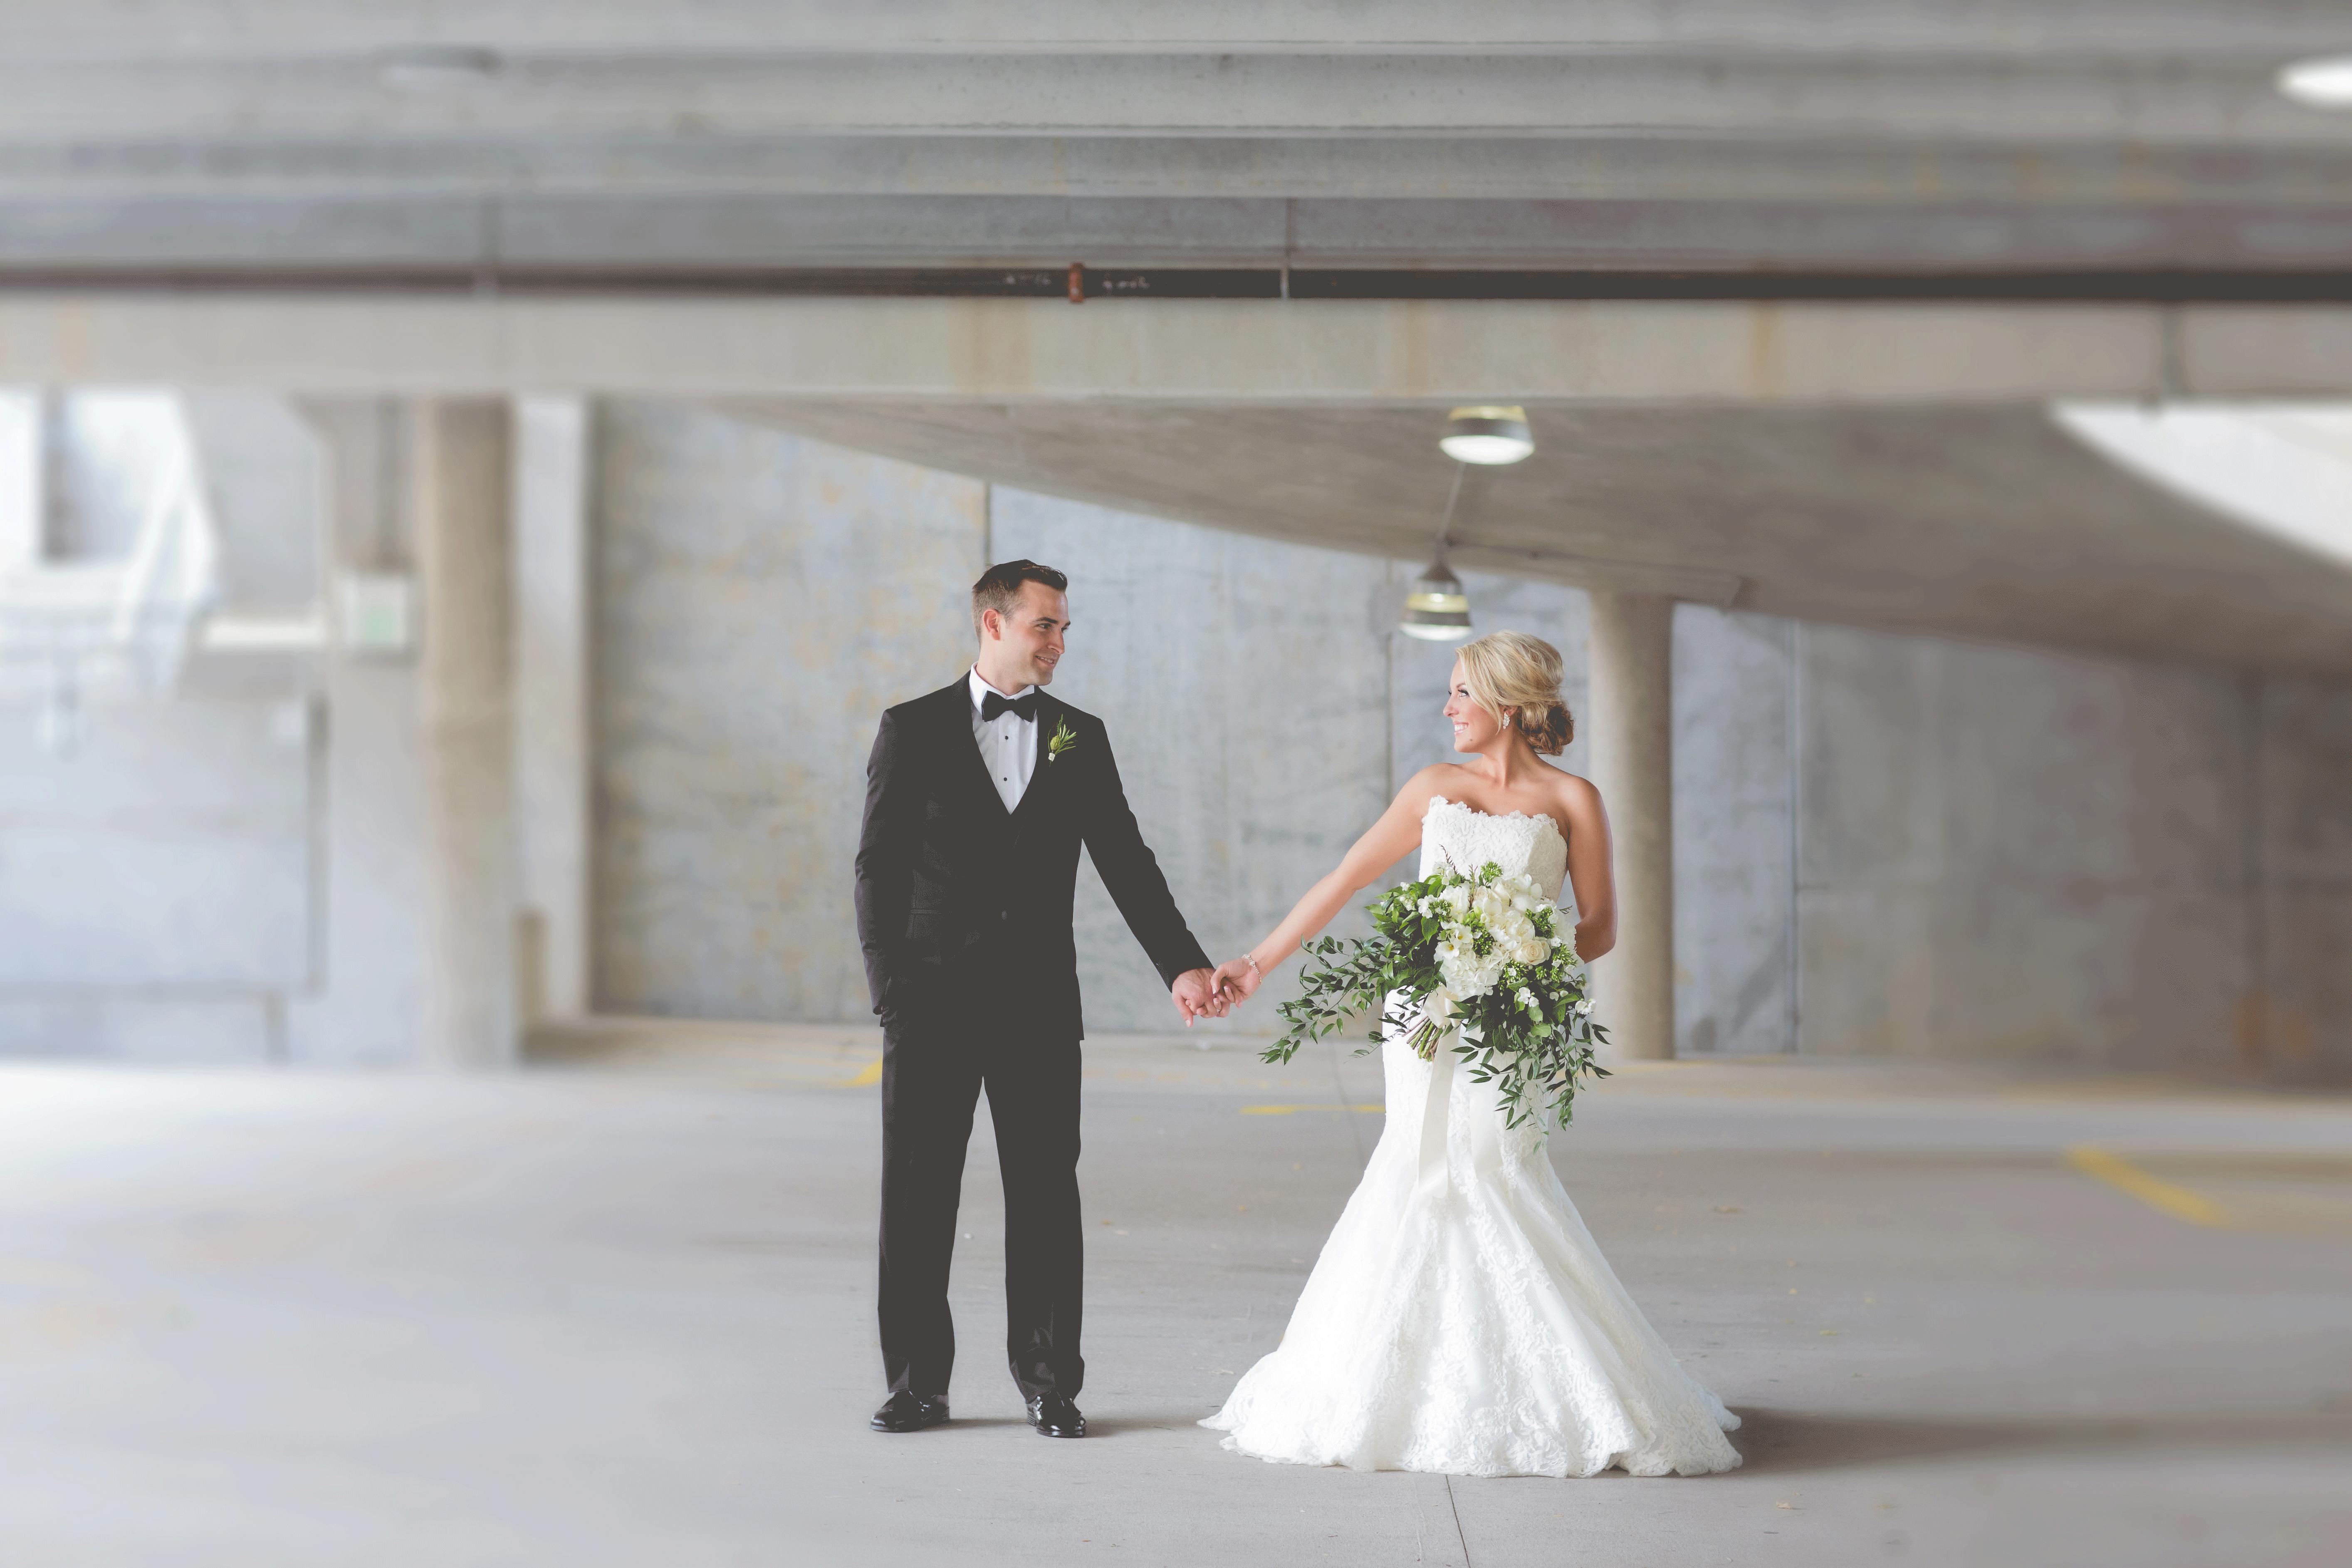 Wedding Photographers In Little Rock AR